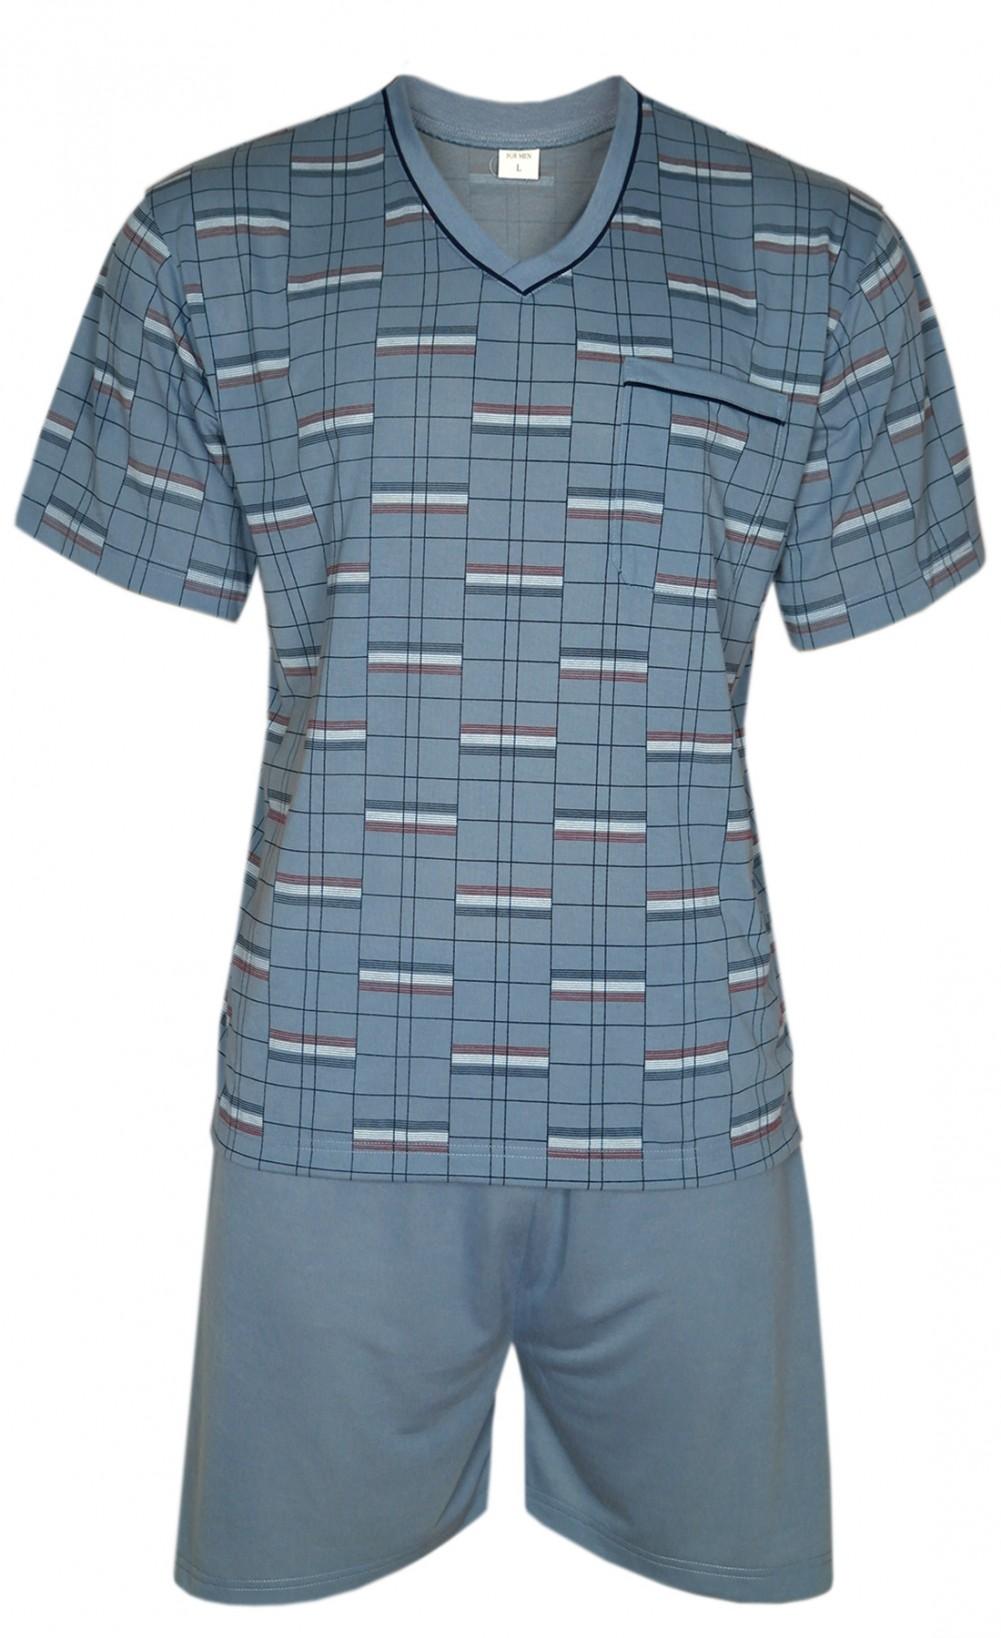 FORMEN - Kurzer Herrenschlafanzug, Pyjama mit Shorty 100% Baumwolle - Stahlblau